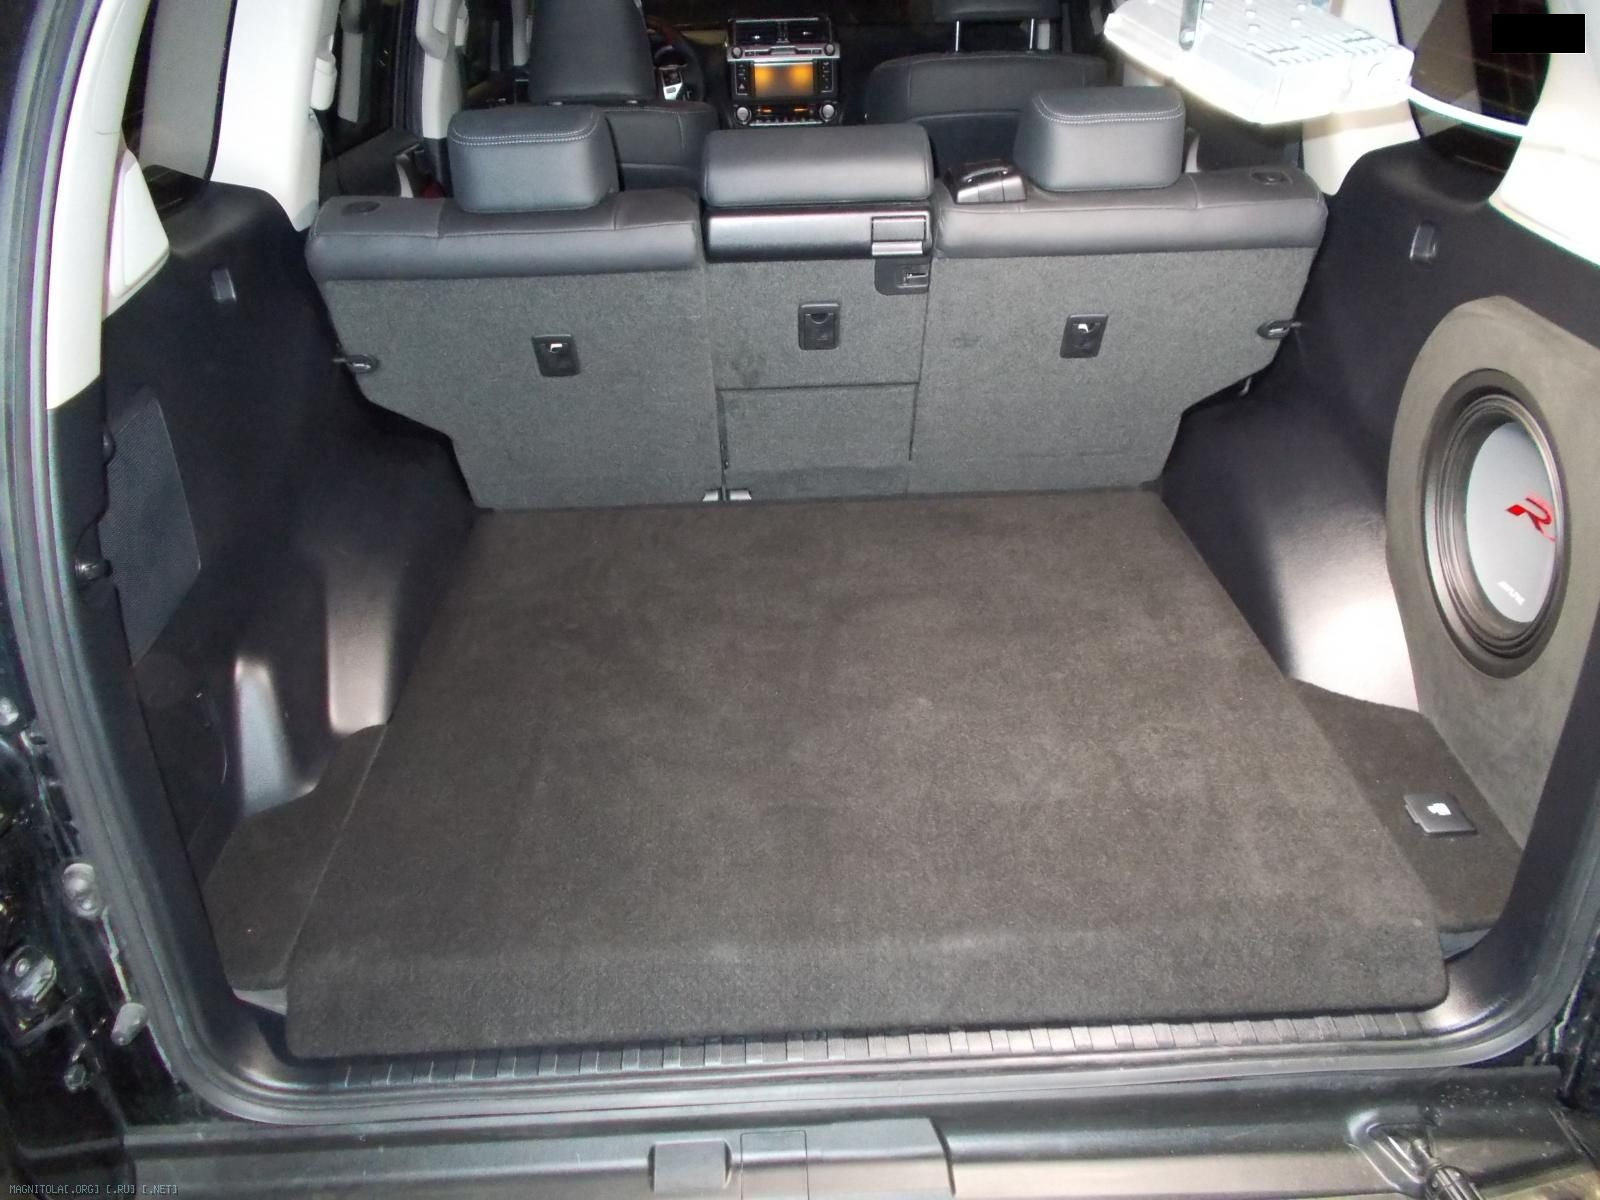 Новый фальшпол в багажнике в Toyota prado 150 2015 Все под штатное оформление